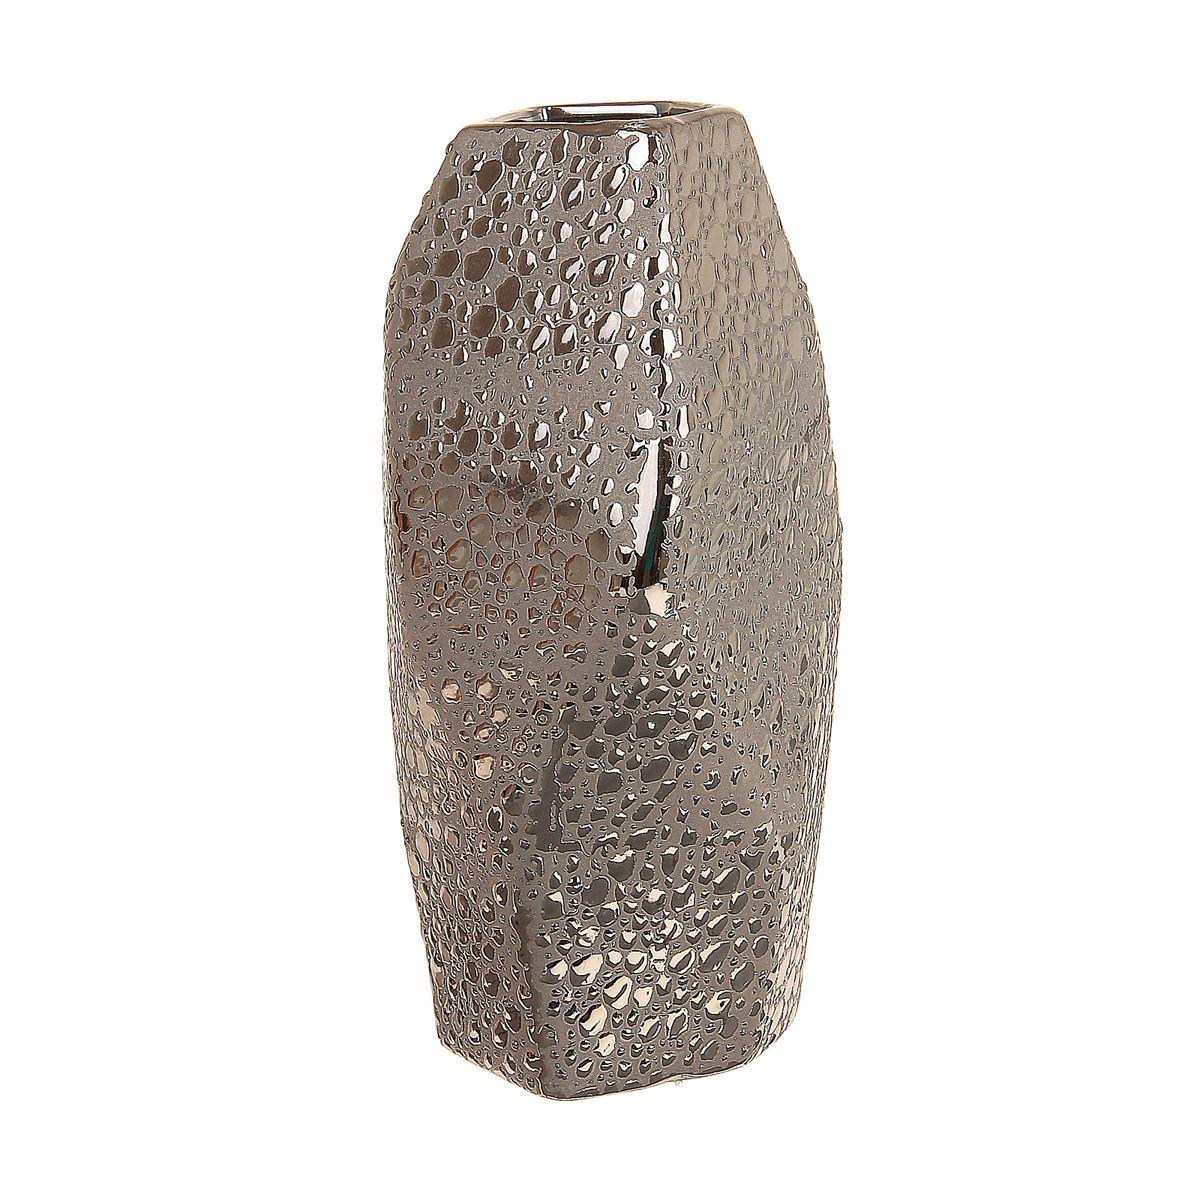 Ваза Sima-land Изгиб, высота 23,5 смFS-80299Ваза Sima-land Изгиб изготовлена из прочной керамики. Интересная форма и необычное оформление сделают эту вазу замечательным украшением интерьера. Она предназначена как для живых, так и для искусственных цветов. Основание оснащено противоскользящими накладками.Любое помещение выглядит незавершенным без правильно расположенных предметовинтерьера. Они помогают создать уют, расставить акценты, подчеркнуть достоинства или скрытьнедостатки.